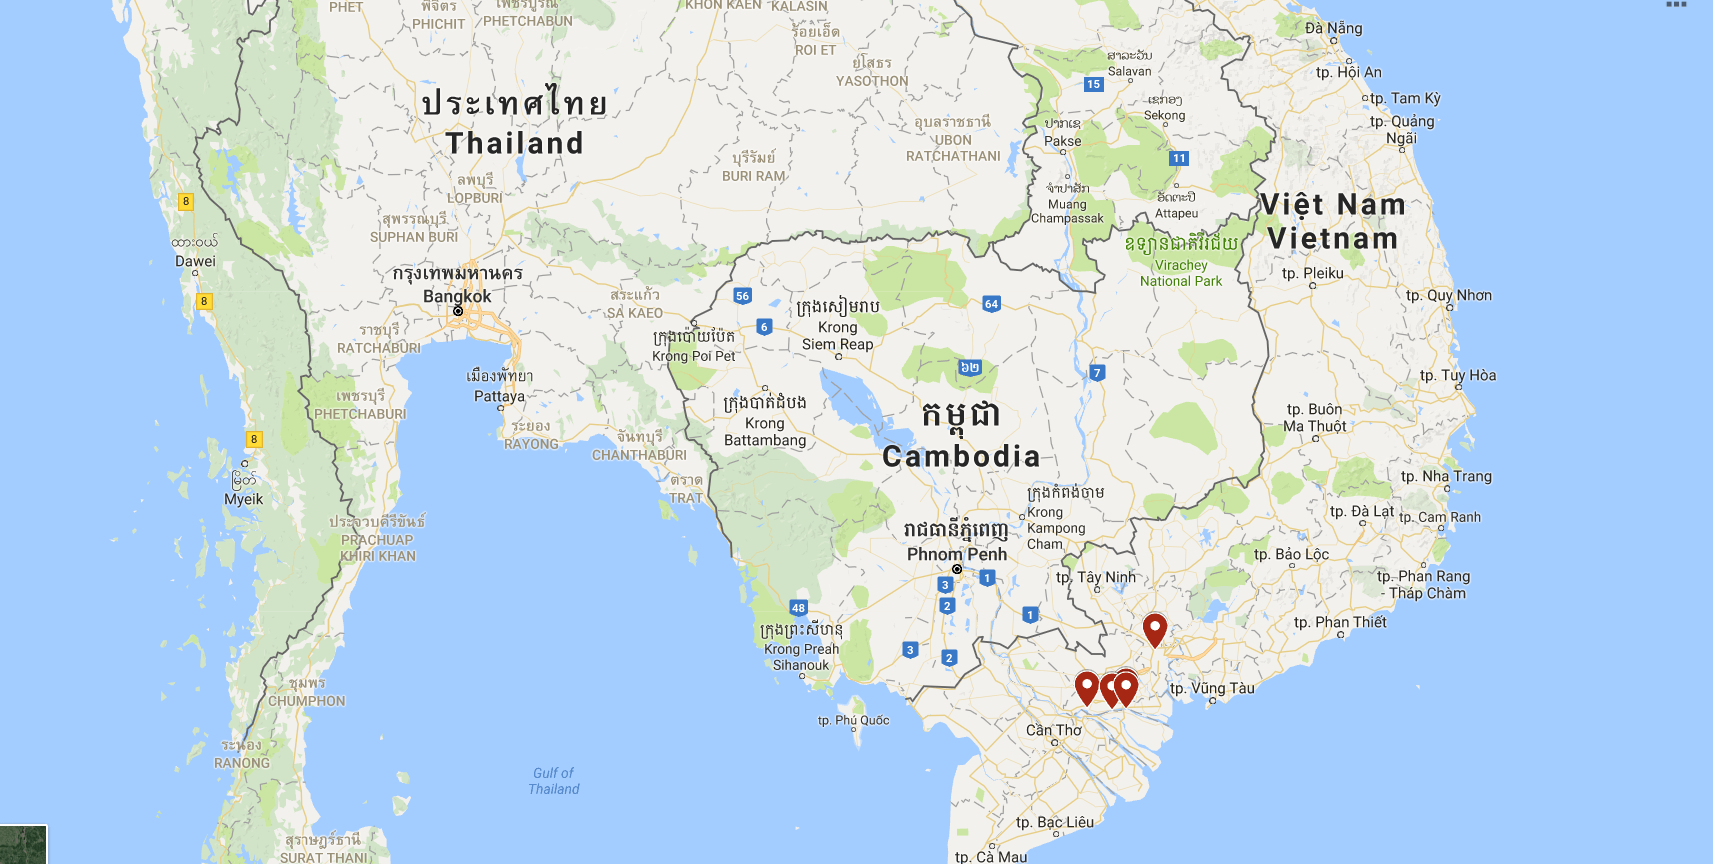 Vietnam, Ben Pre